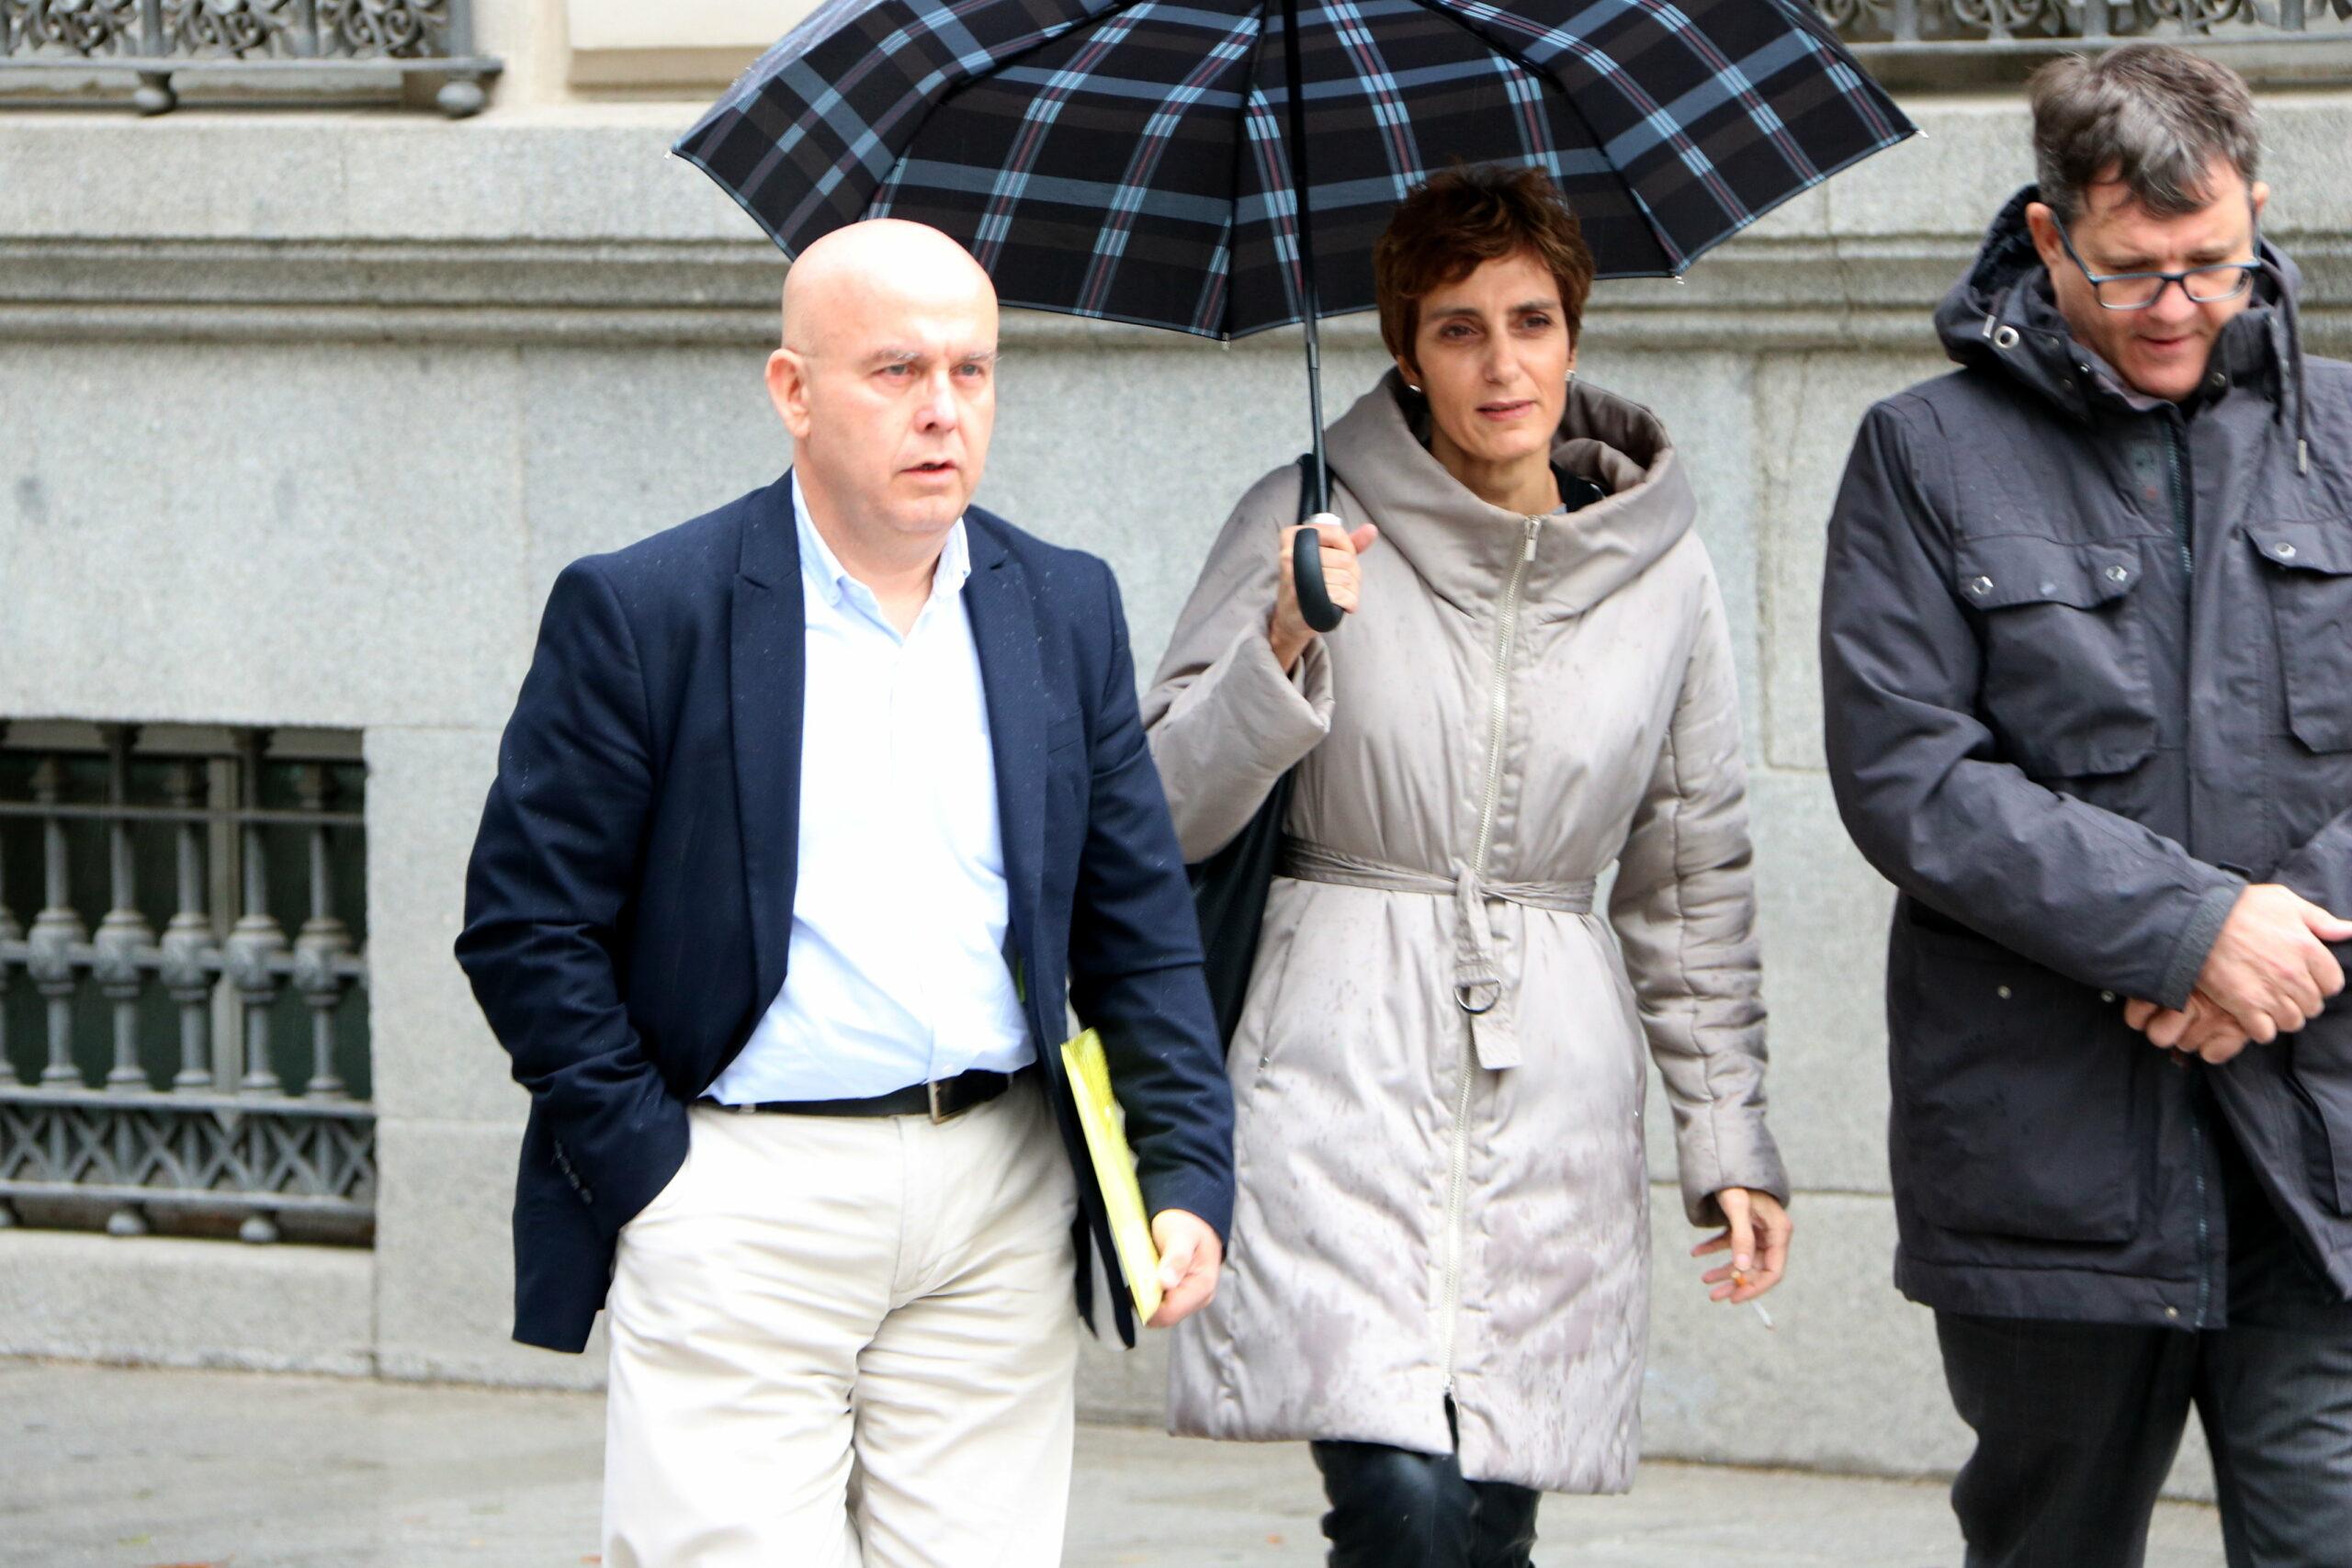 L'advocat Gonzalo Boye a l'arribada a l'Audiència Nacional per declarar com a investigat per blanqueig de capitals, el 23 d'octubre de 2019 / ACN